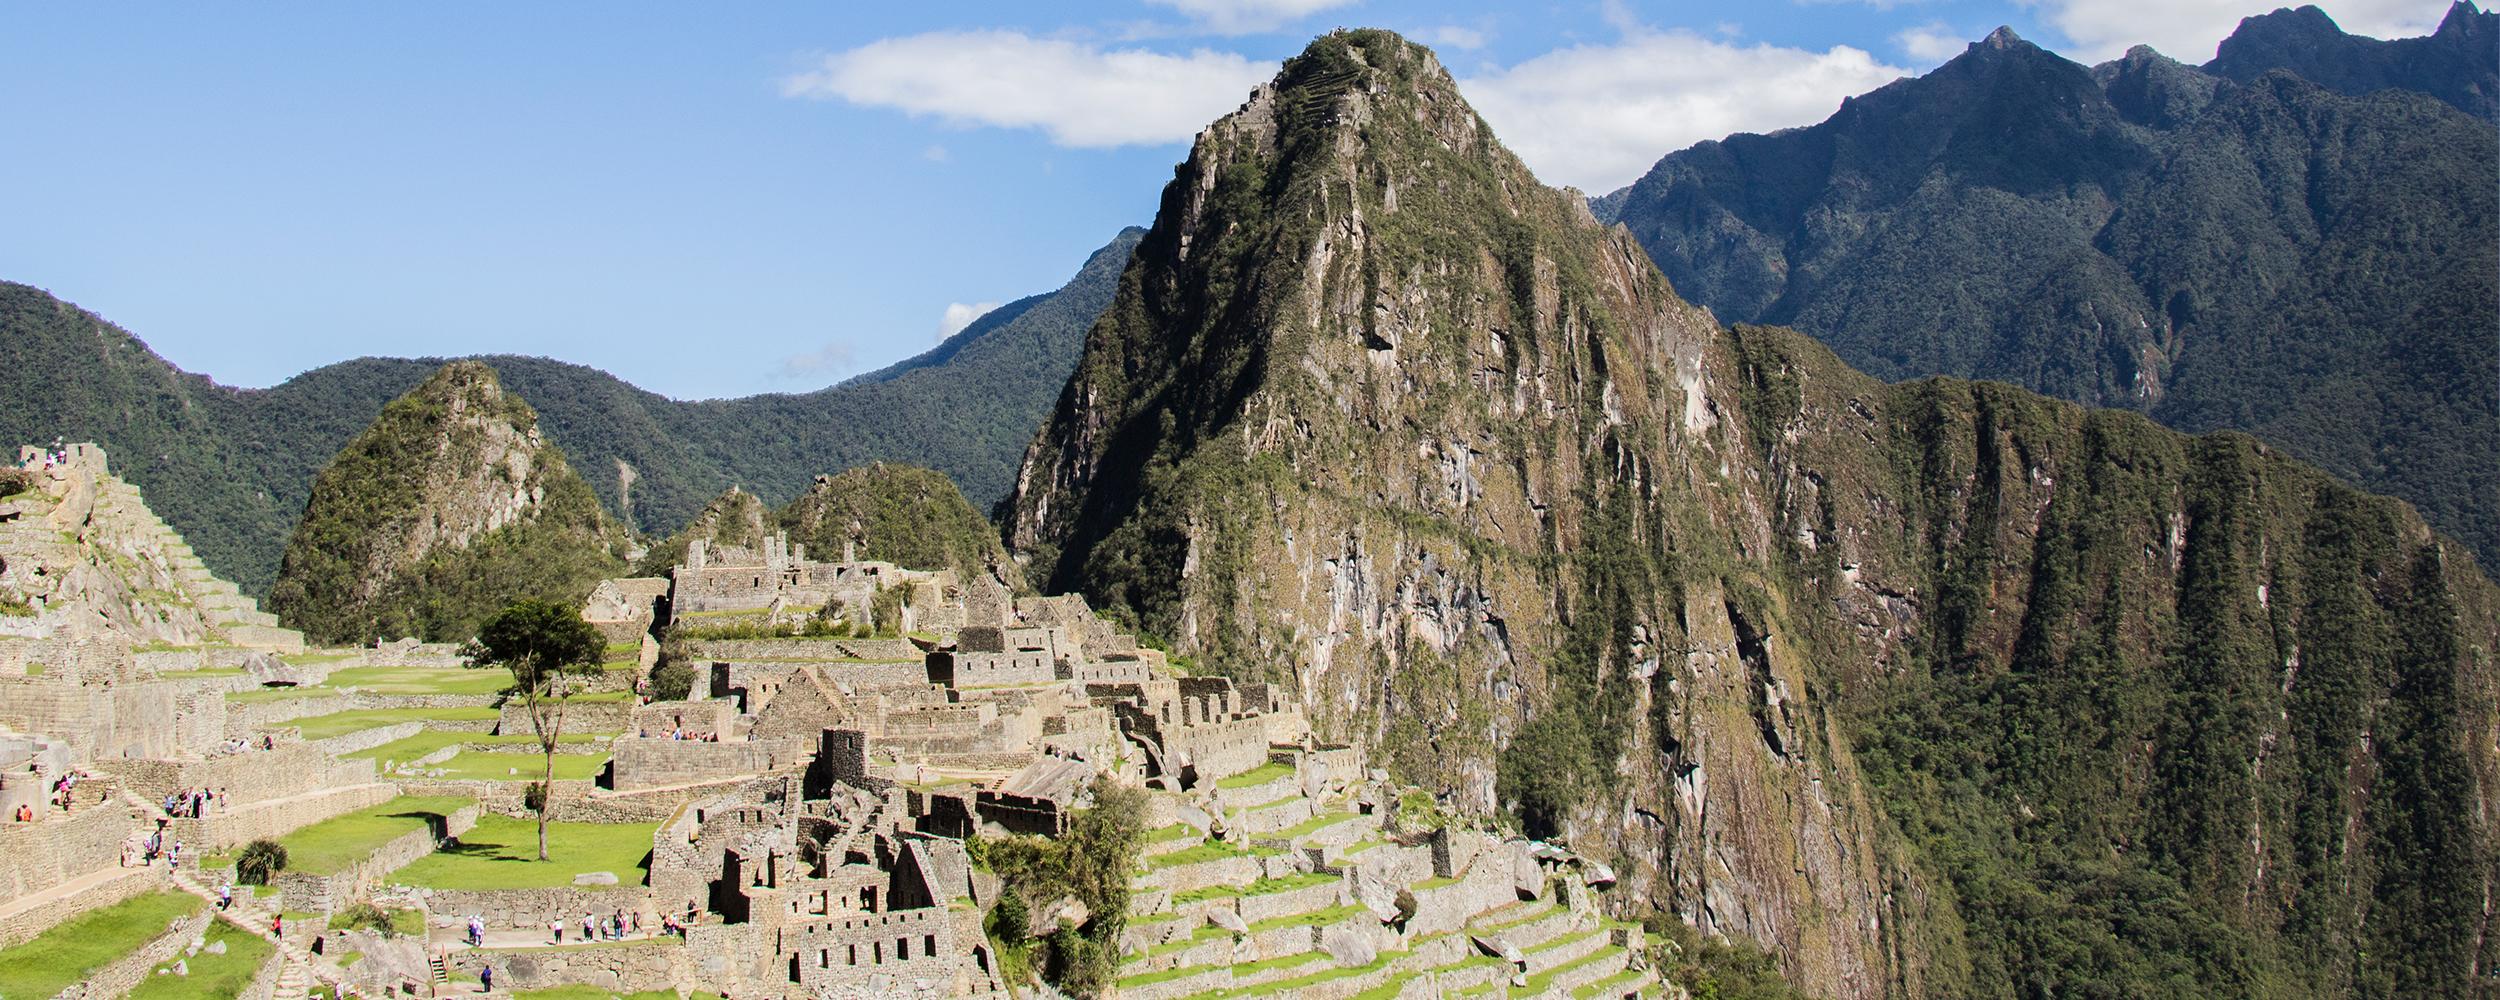 Peru Machu Picchu Tour Price